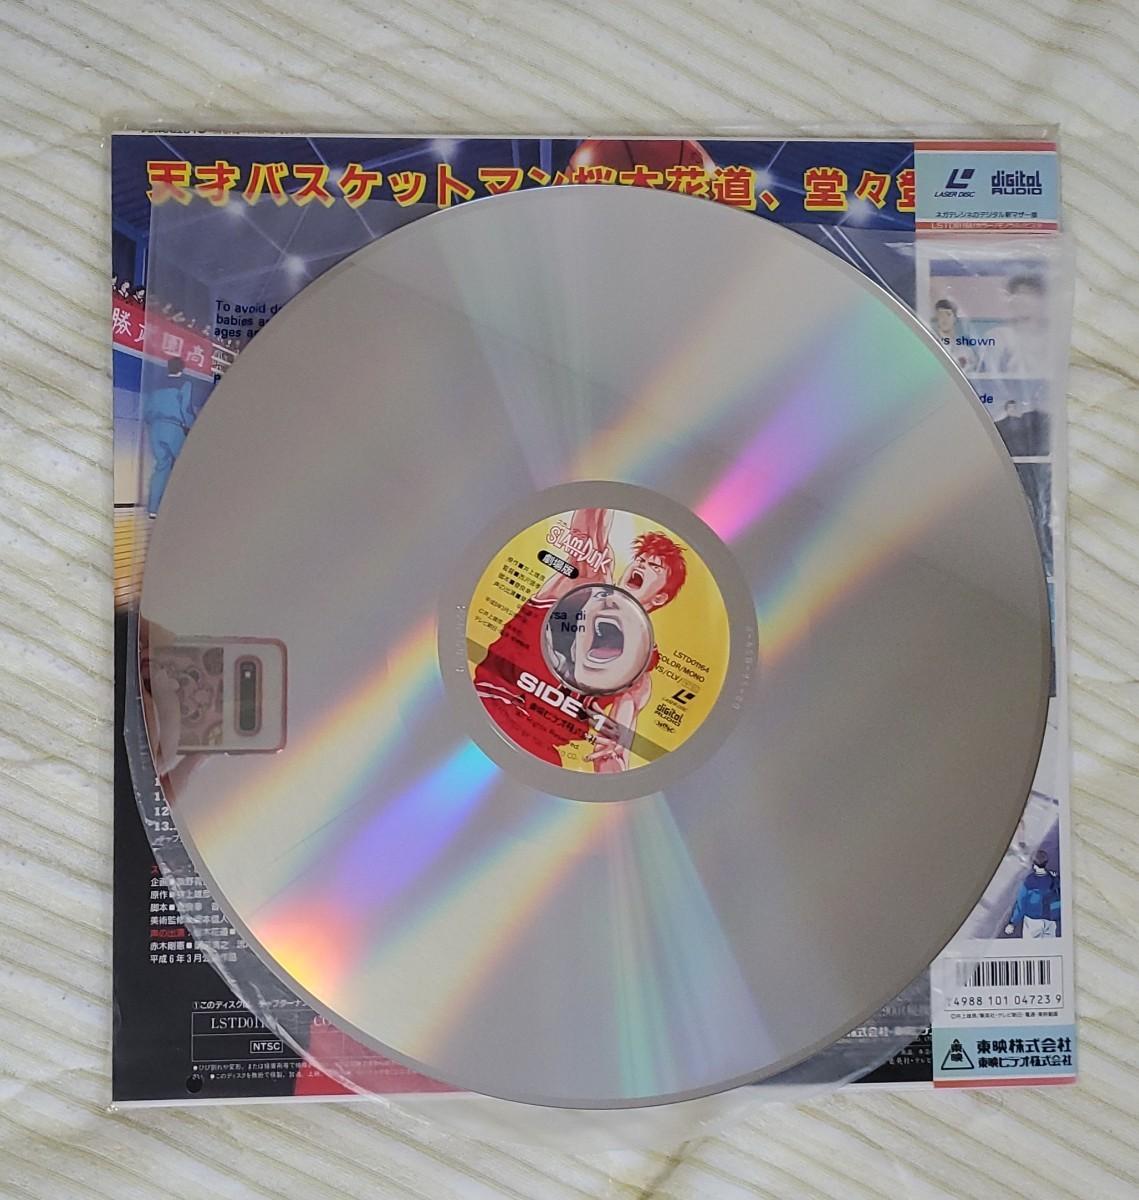 アニメ SLAM DUNK スラムダンク 劇場版 レーザーディスク